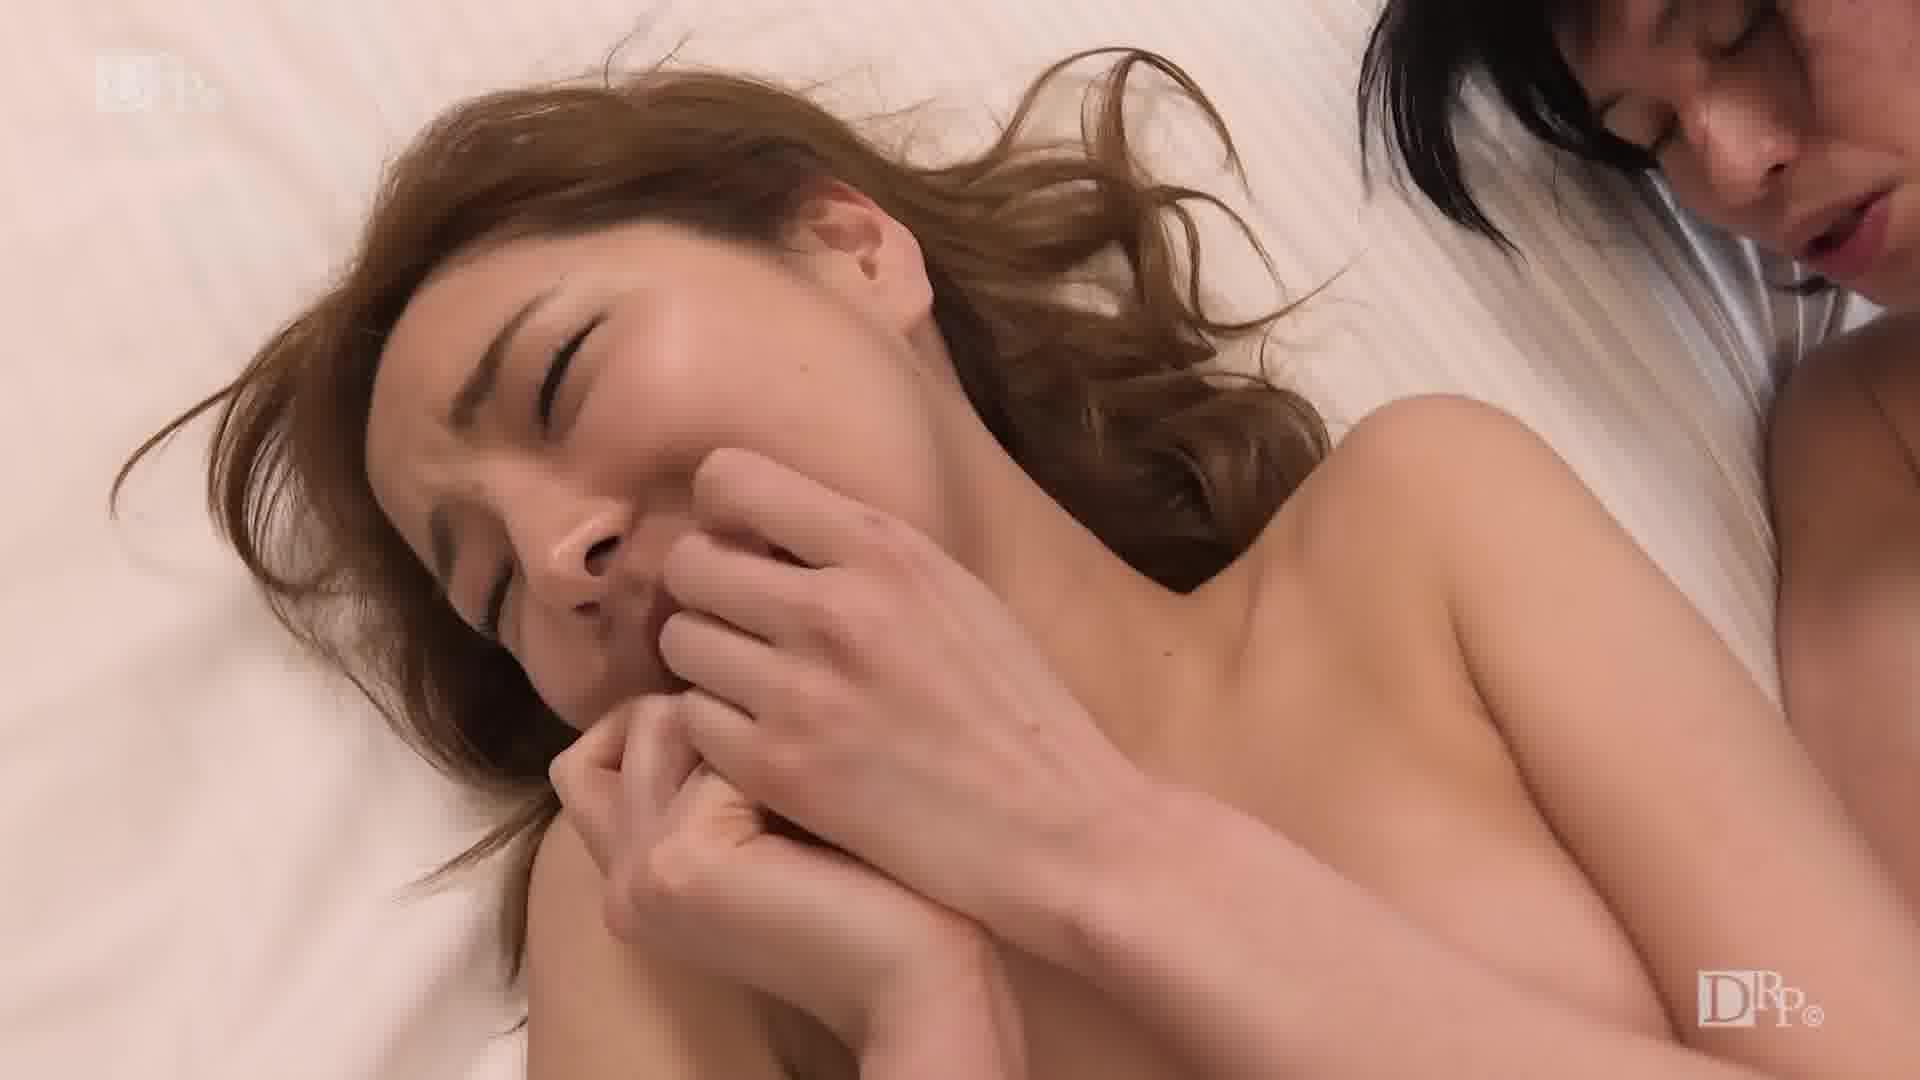 高山トレーニングのセクハラ小屋 ~子宮をほぐされて理性崩壊する美人アスリート~ - 輝月あんり【スレンダー・パイパン・中出し】